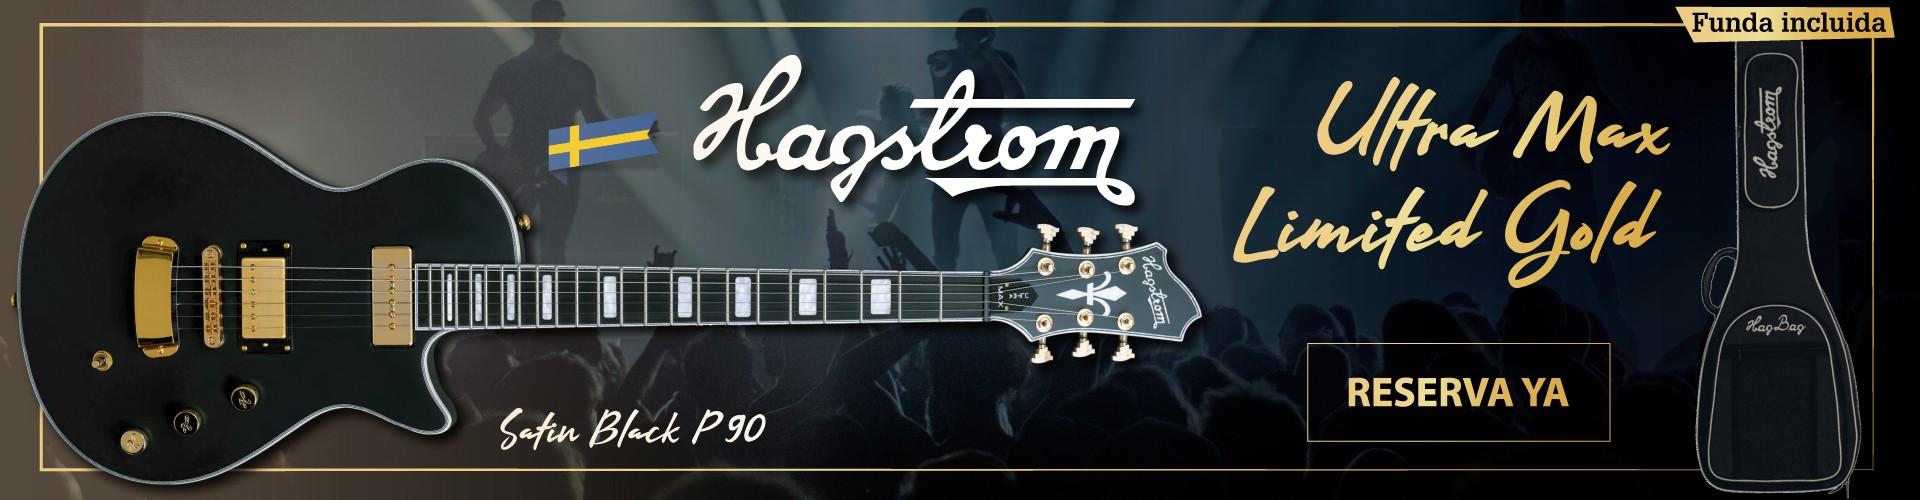 Reserva ya tu Hagstrom Ultra Max Limited Gold Satin Black P90